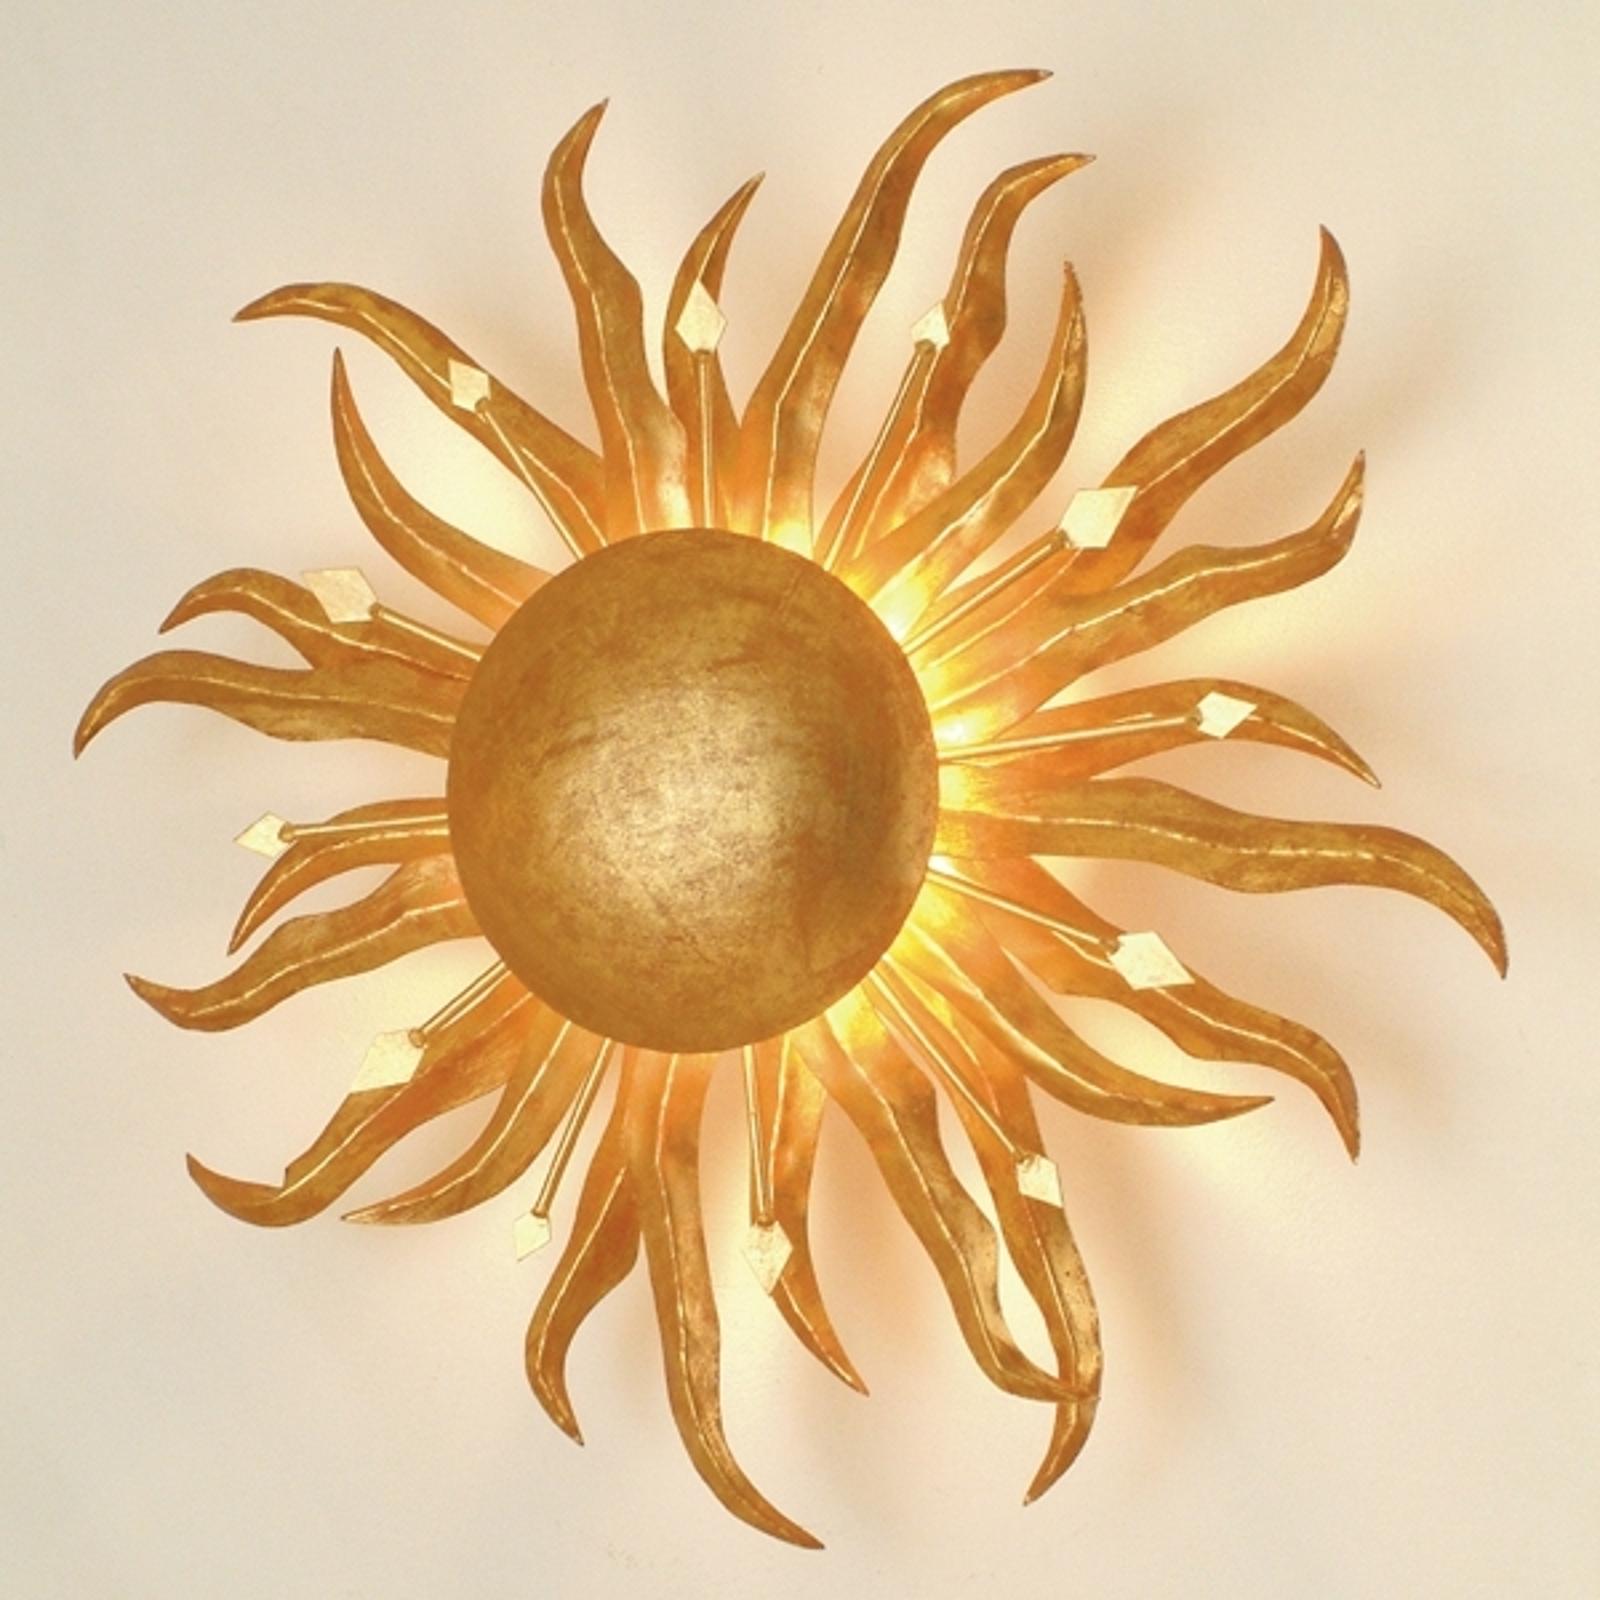 Fascinerende SONNE GOLD vegglampe  45 cm